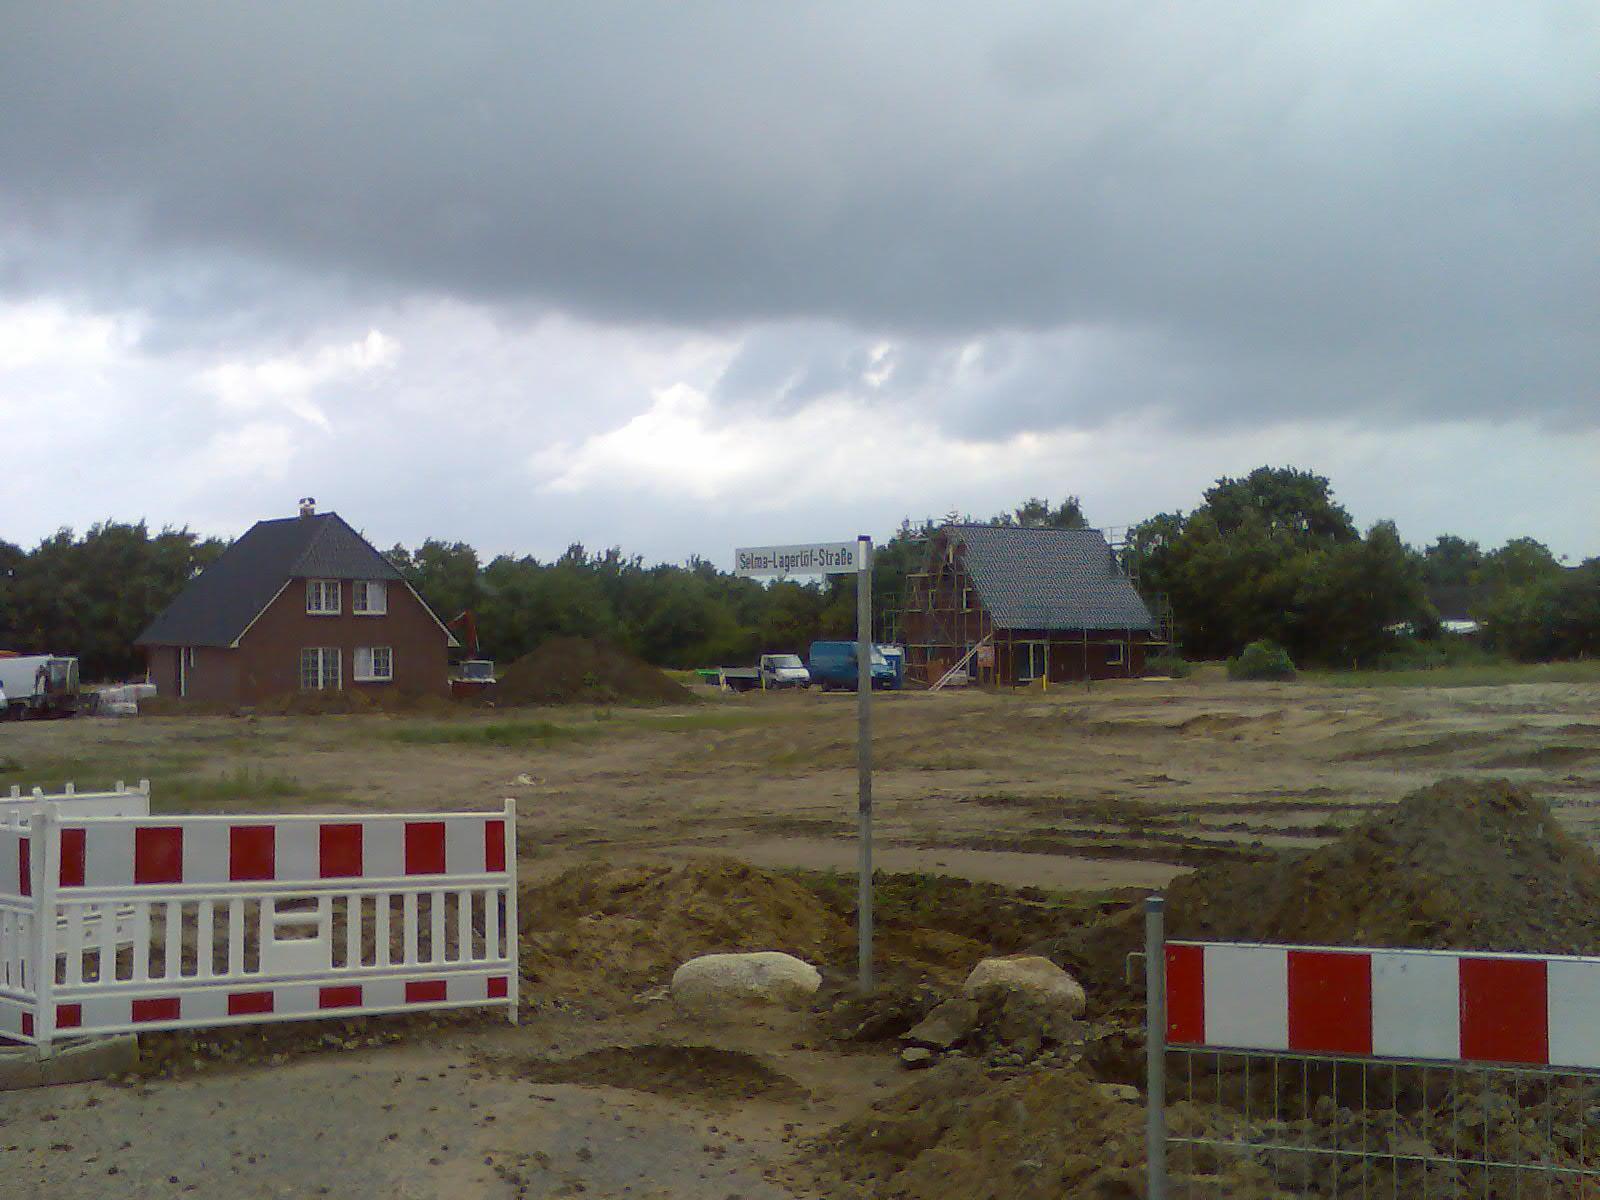 Oder wohnt da hinten Nils Holgersson?